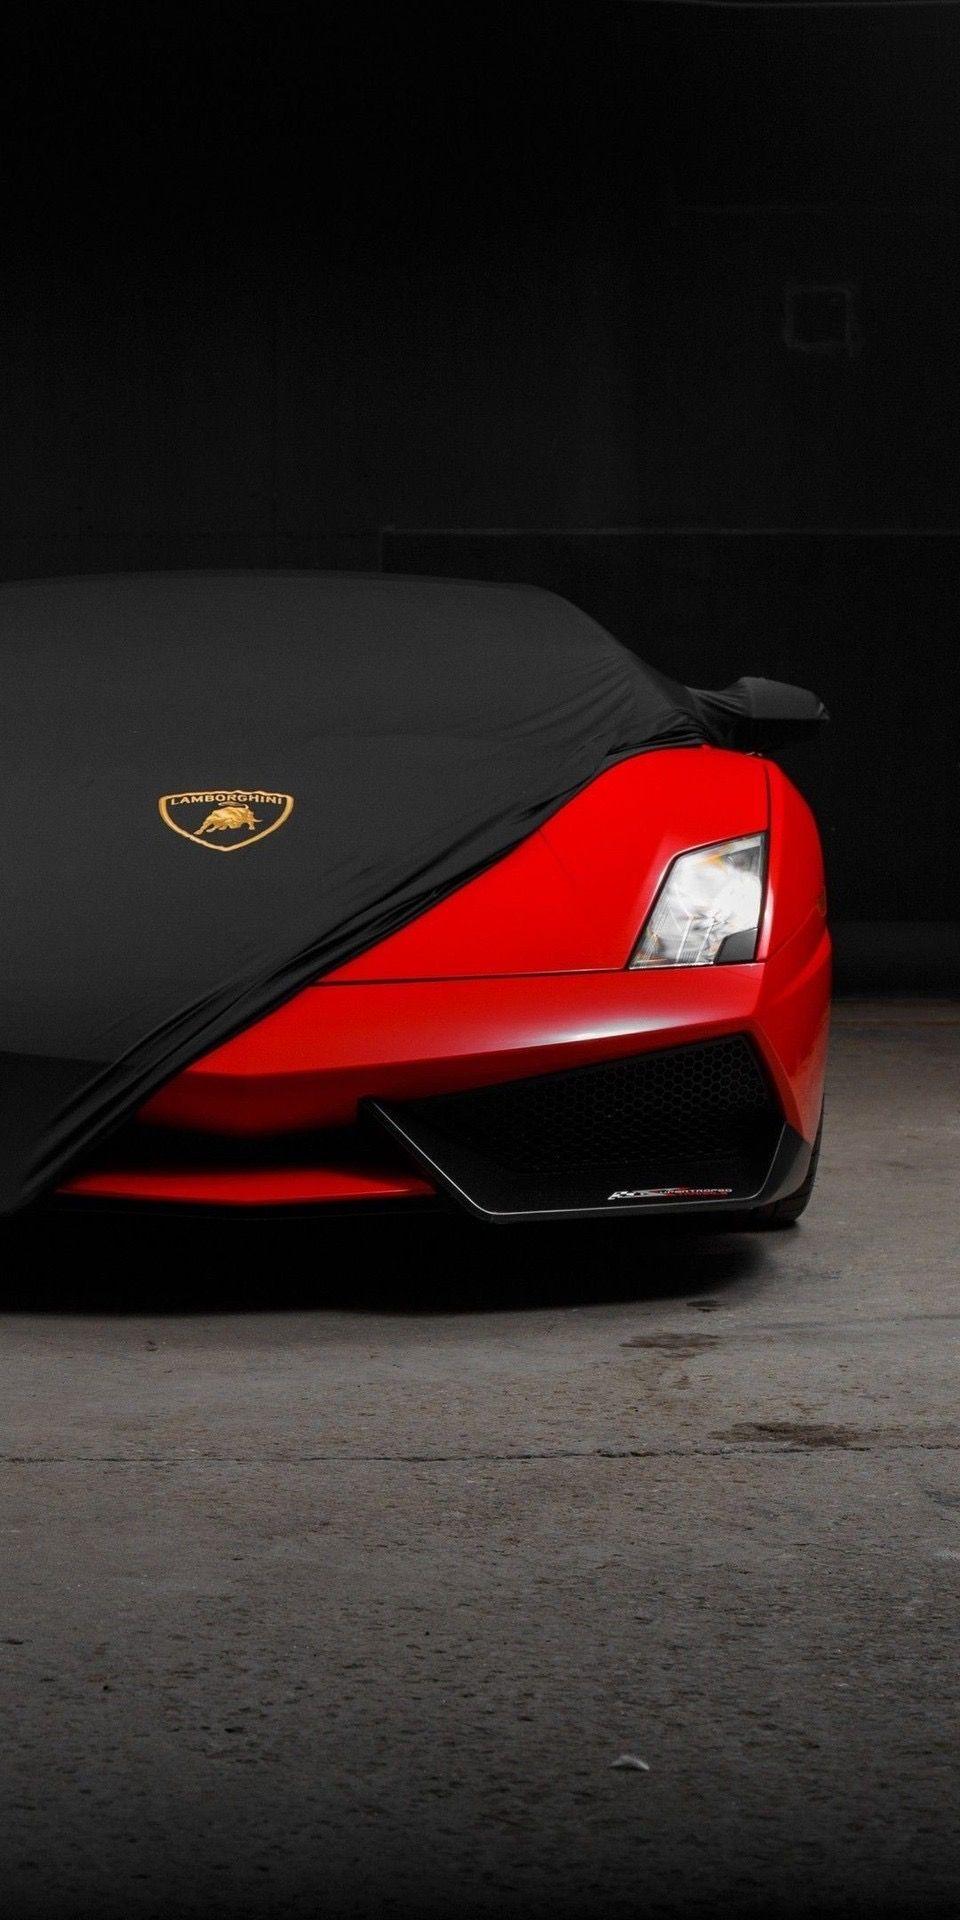 Epingle Par Denis Lespagne Sur Car Selection Voitures Lamborghini Fond Ecran Voiture Voitures De Sport De Luxe